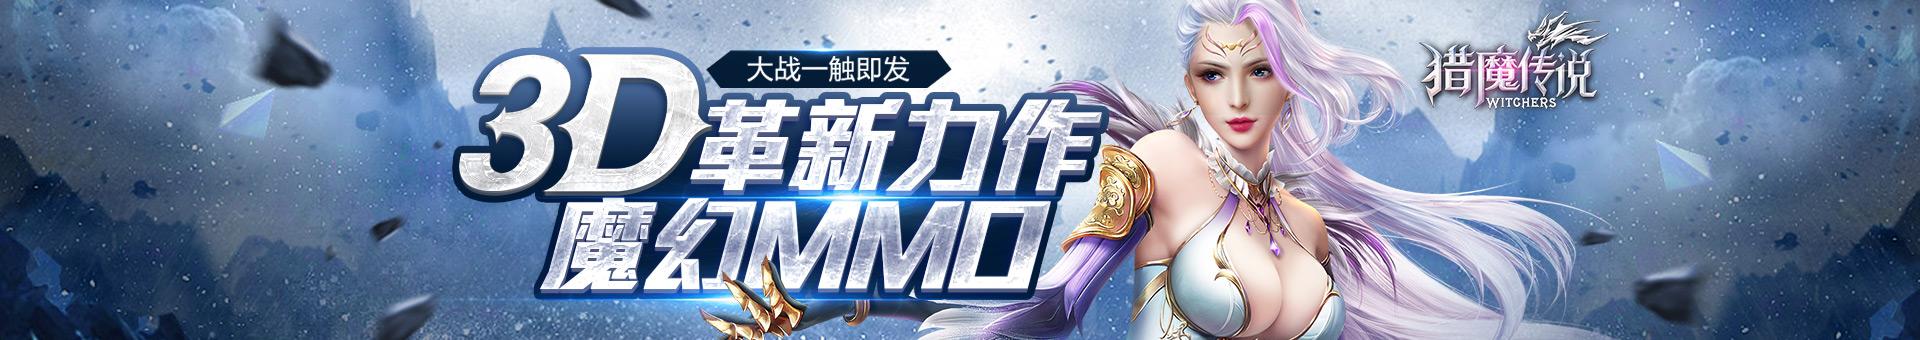 猎魔传说banner